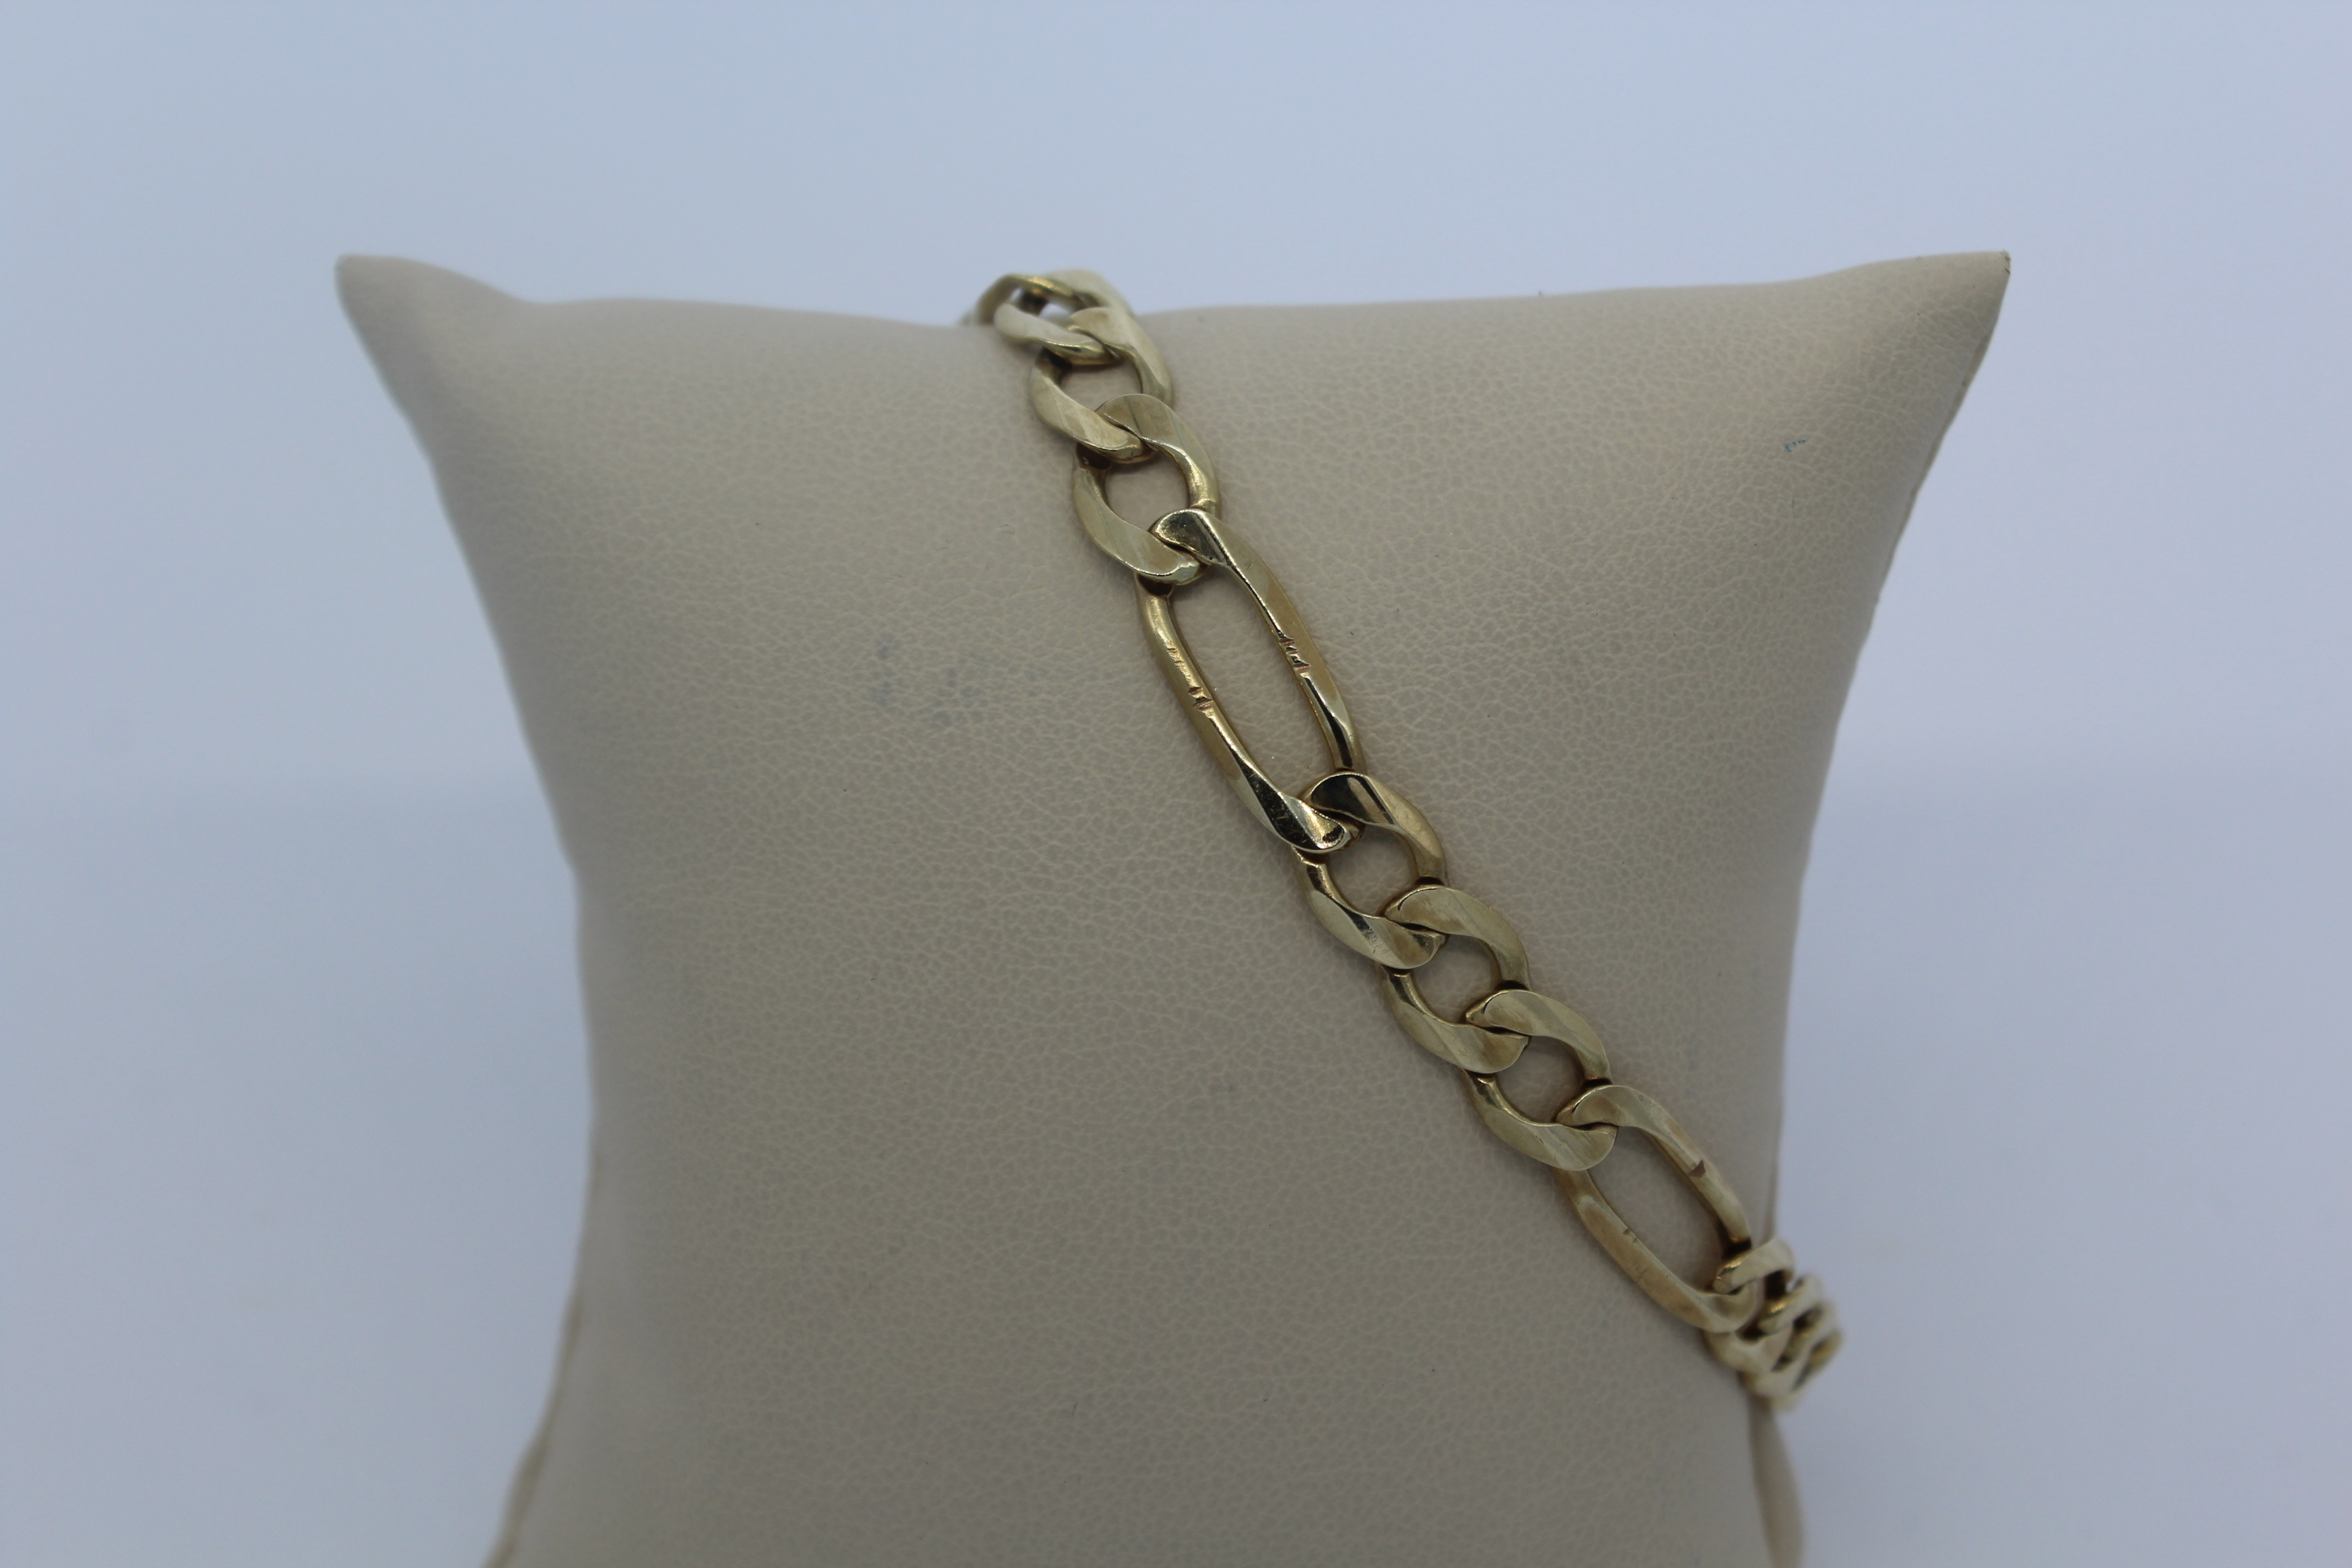 10K Yellow Gold Men's Bracelet